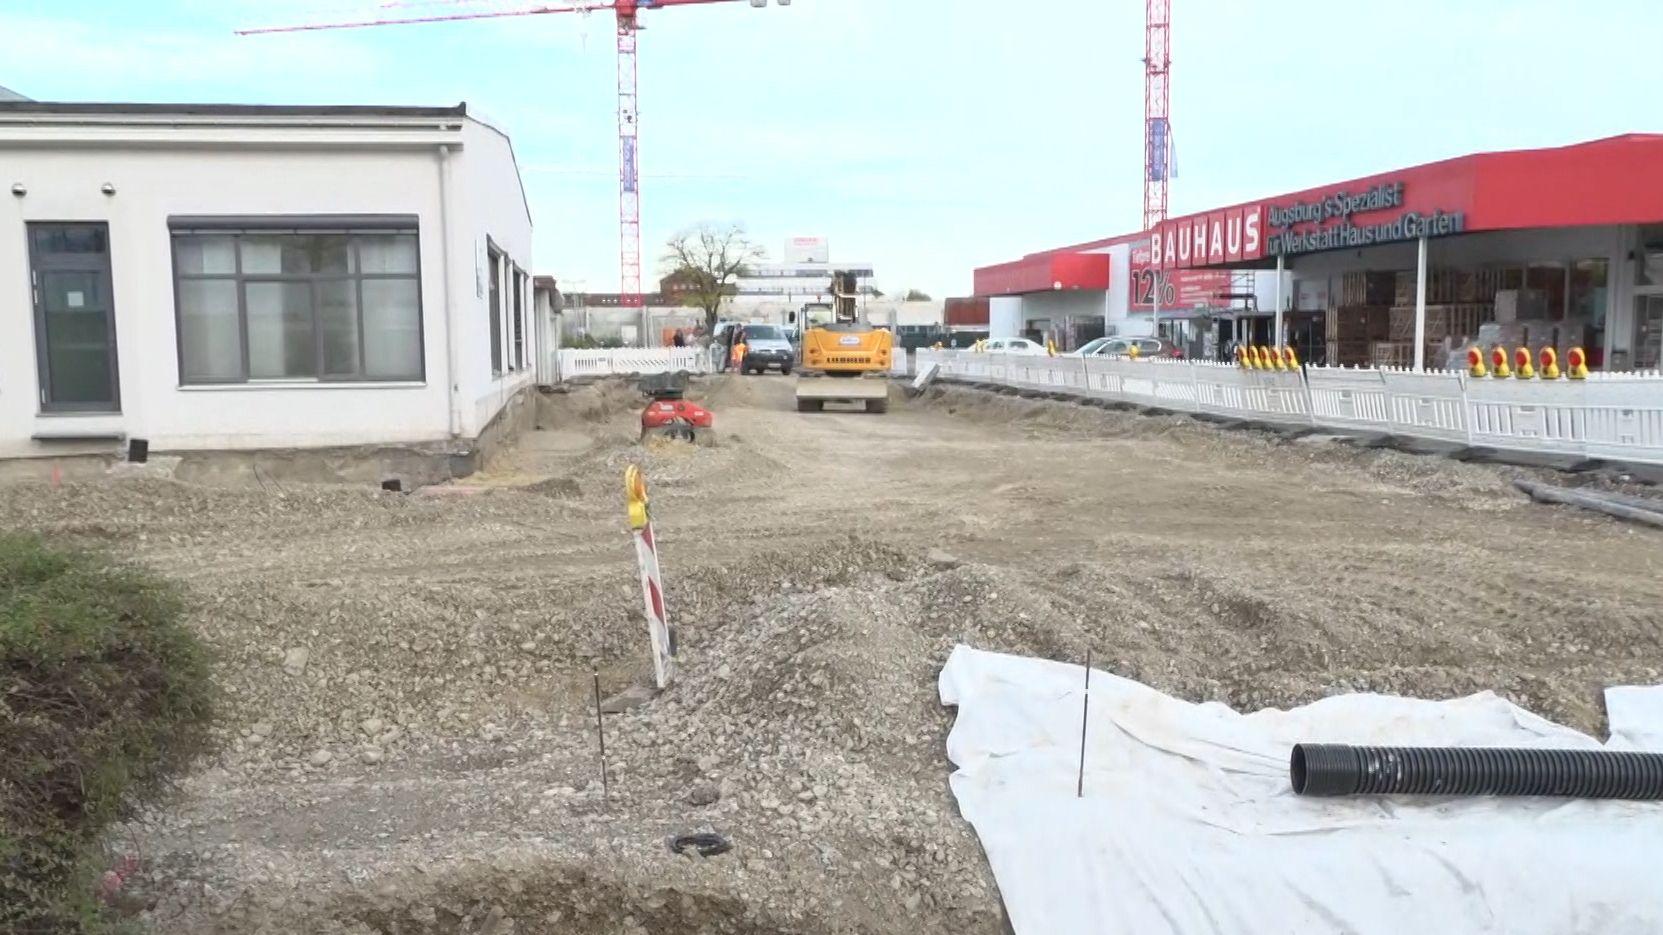 Fliegerbombe in Augsburg erfolgreich entschärft